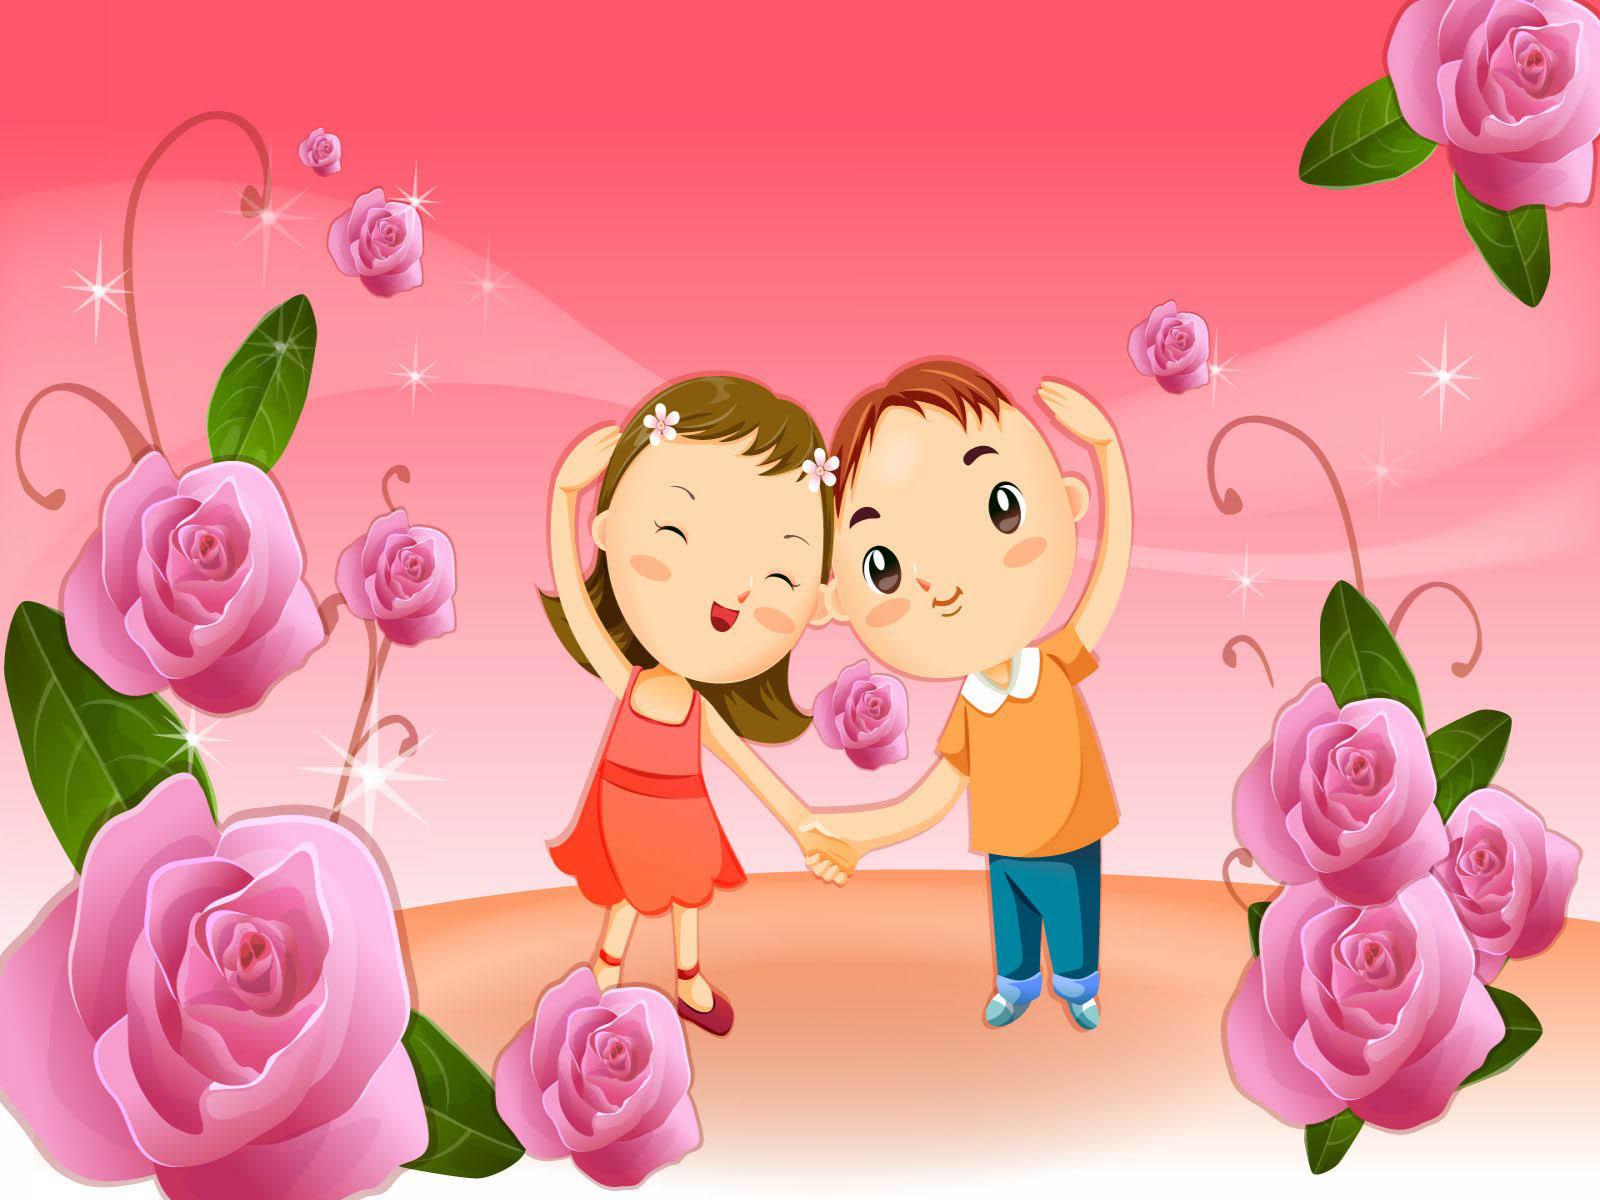 melihat gambar pic Gambar kartun romantis Paling Lucu Dan Imut anime ...